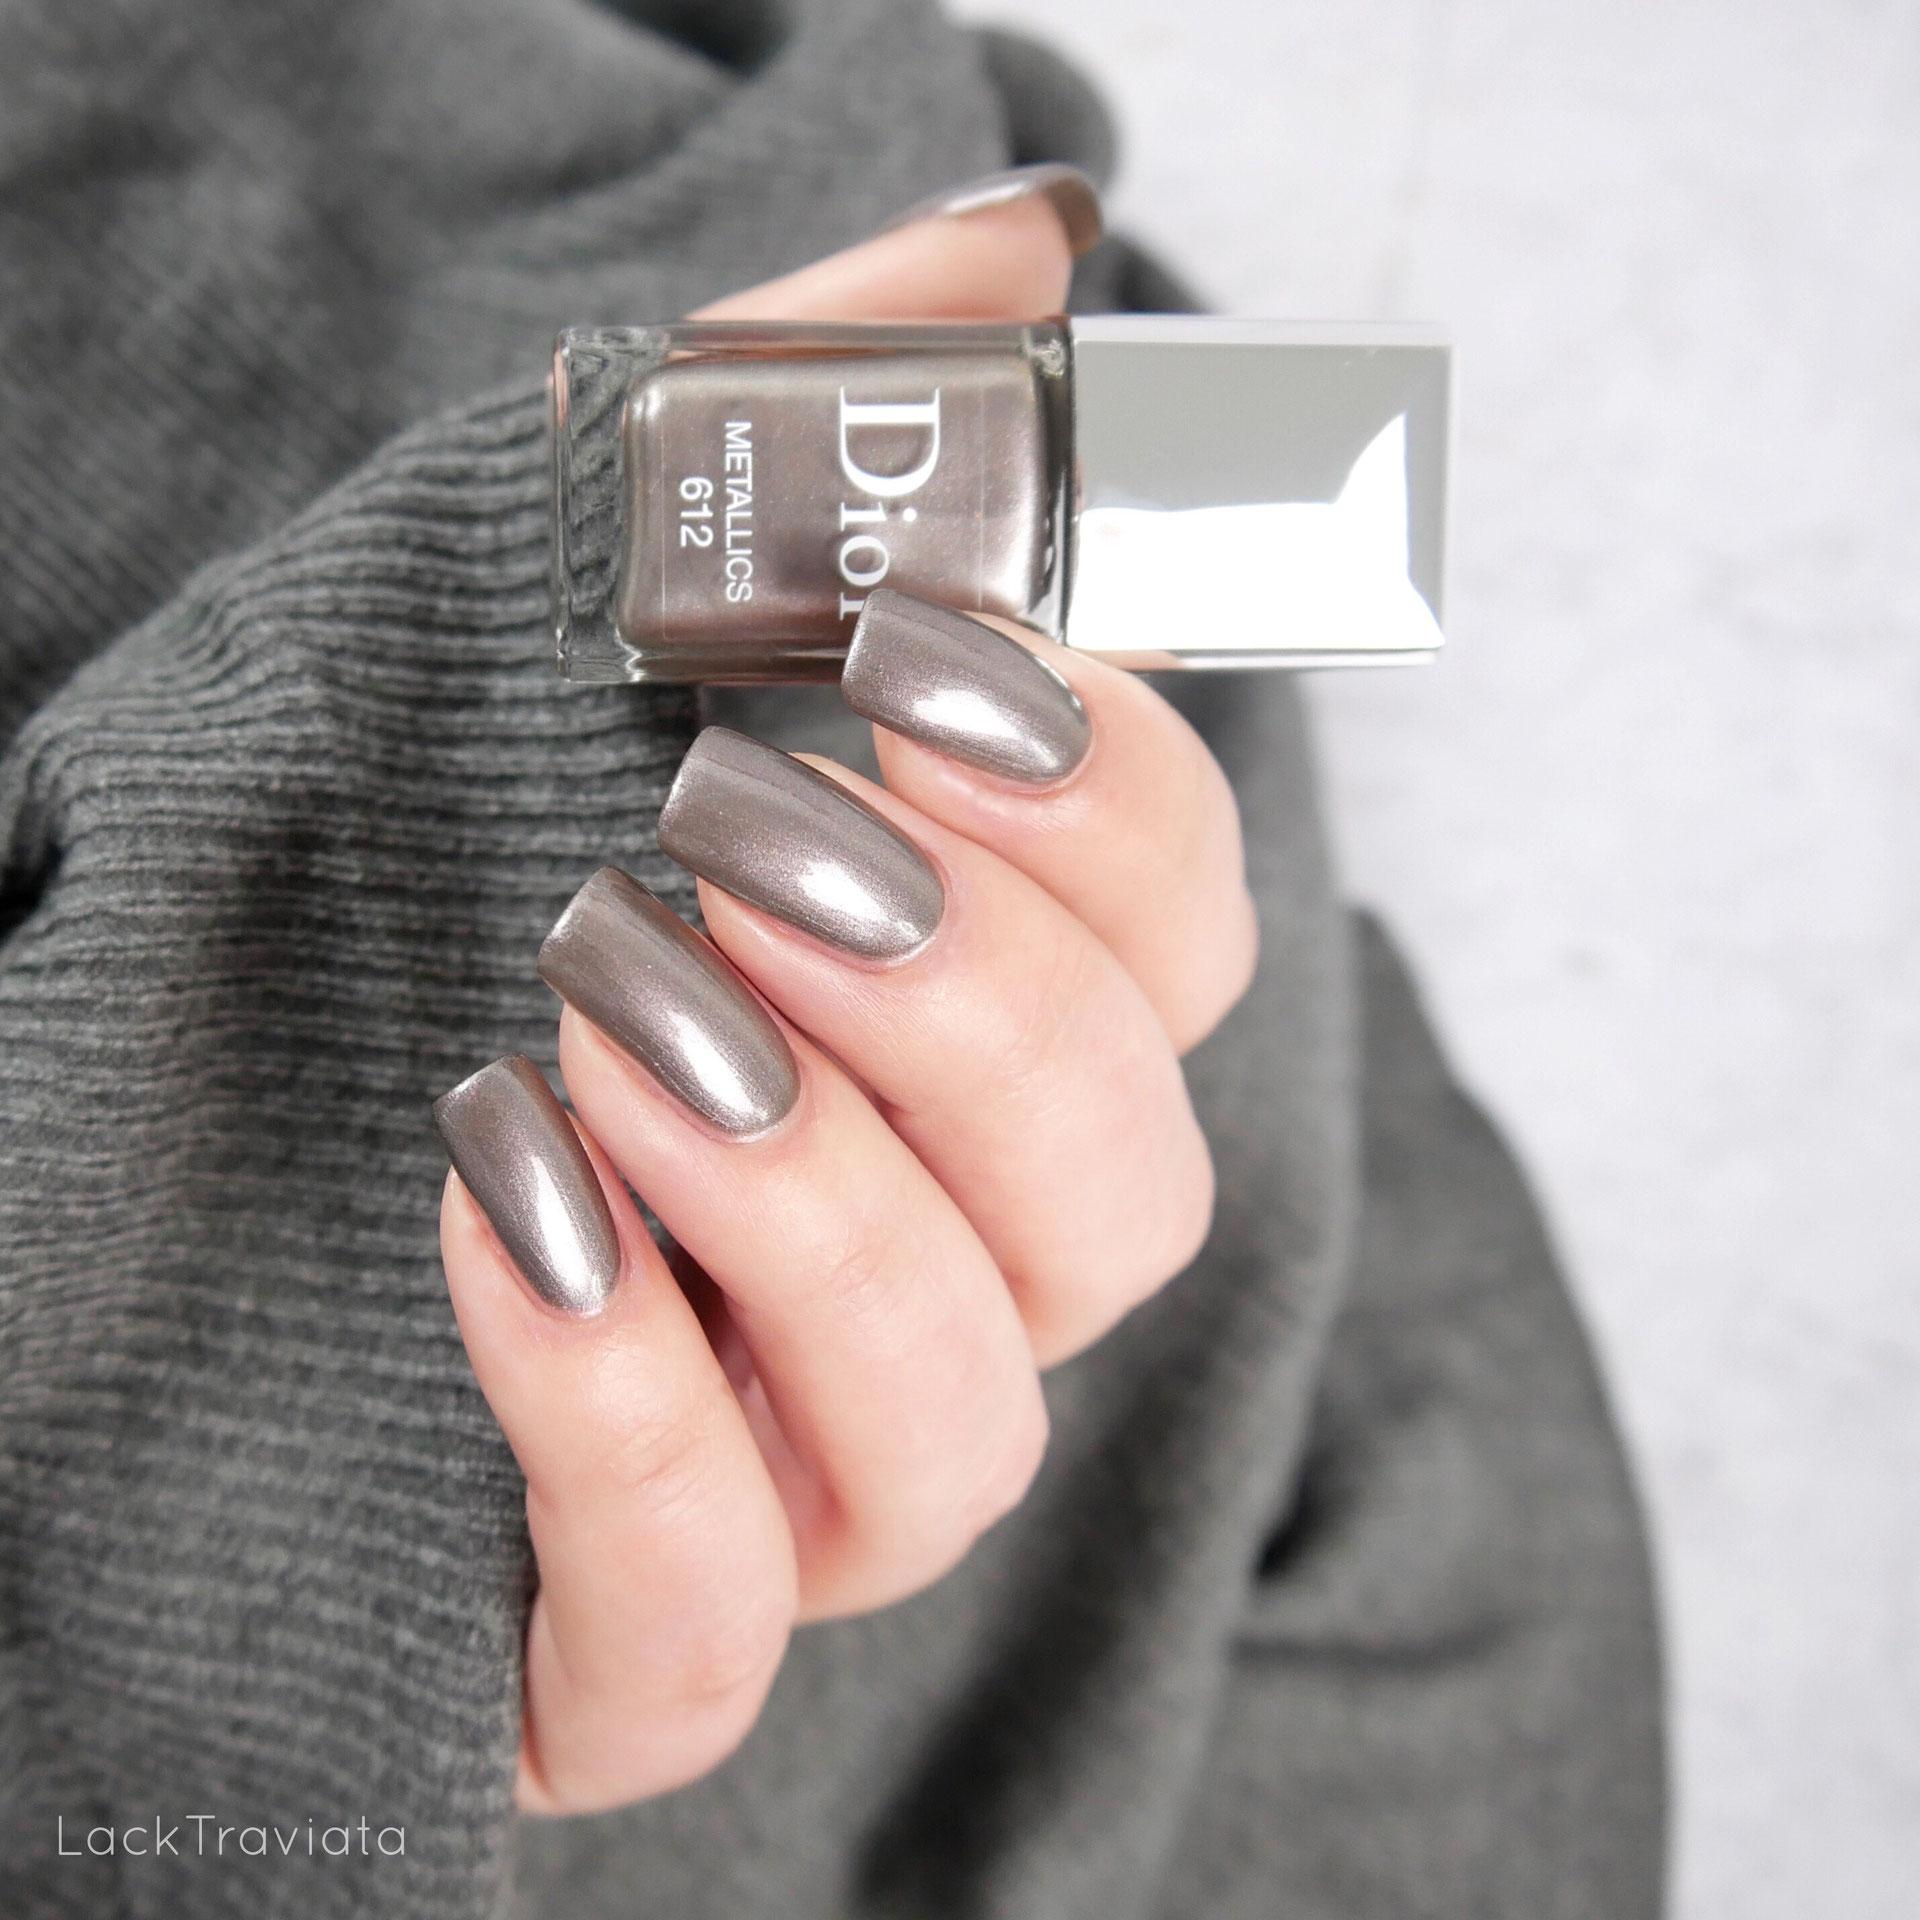 Dior • METALLICS 612 • Metallics Collection - LackTraviata ...